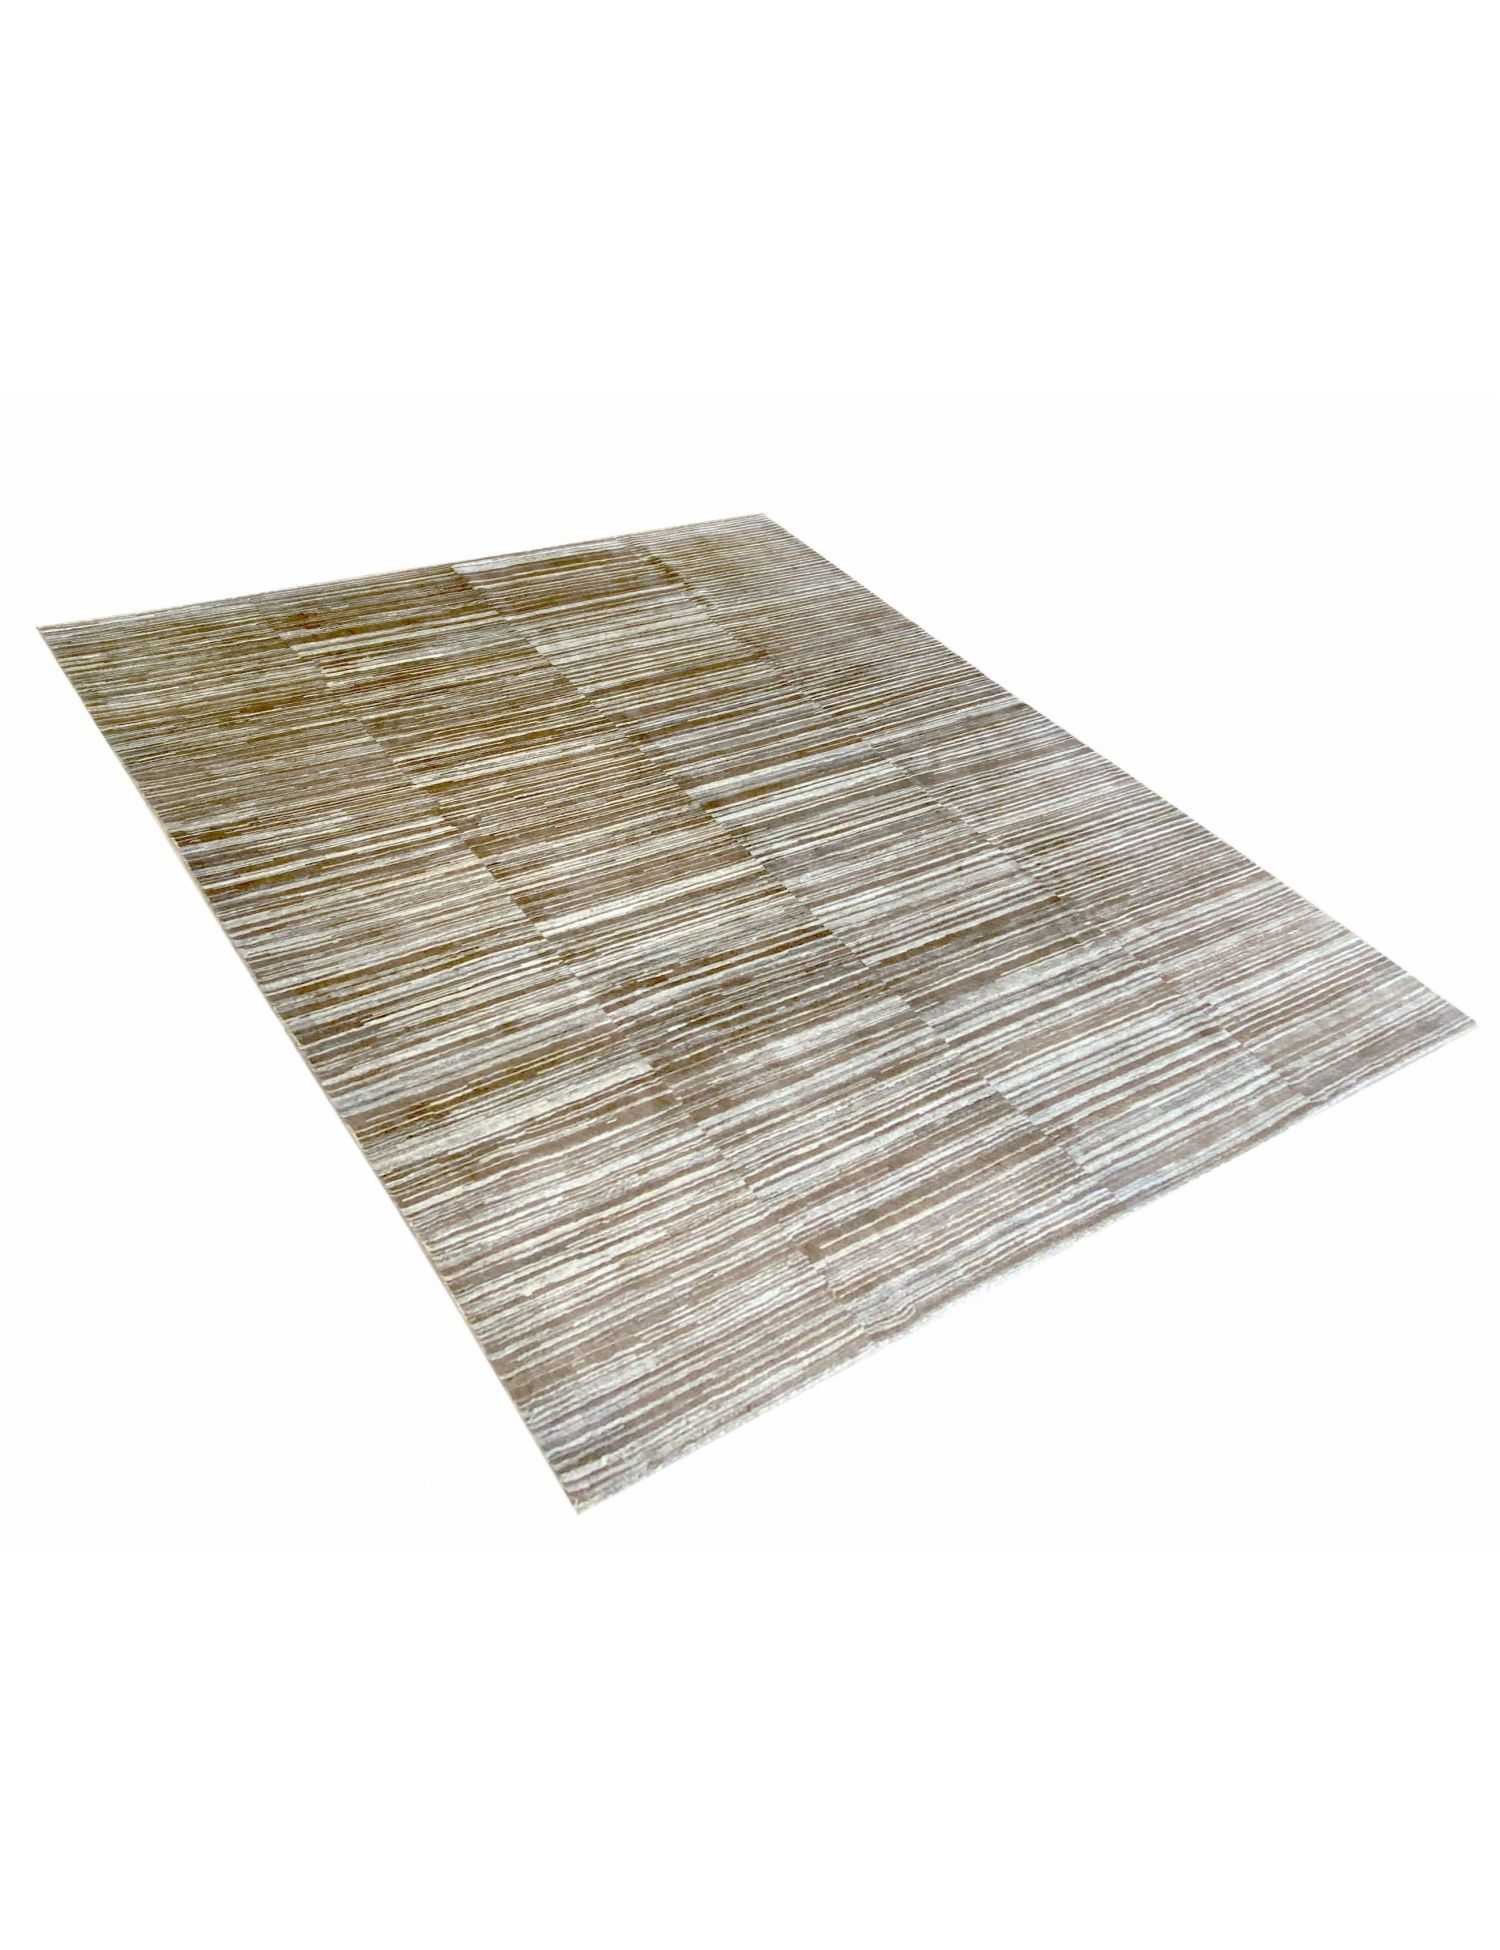 Moderne Teppiche   <br/>365 x 295 cm